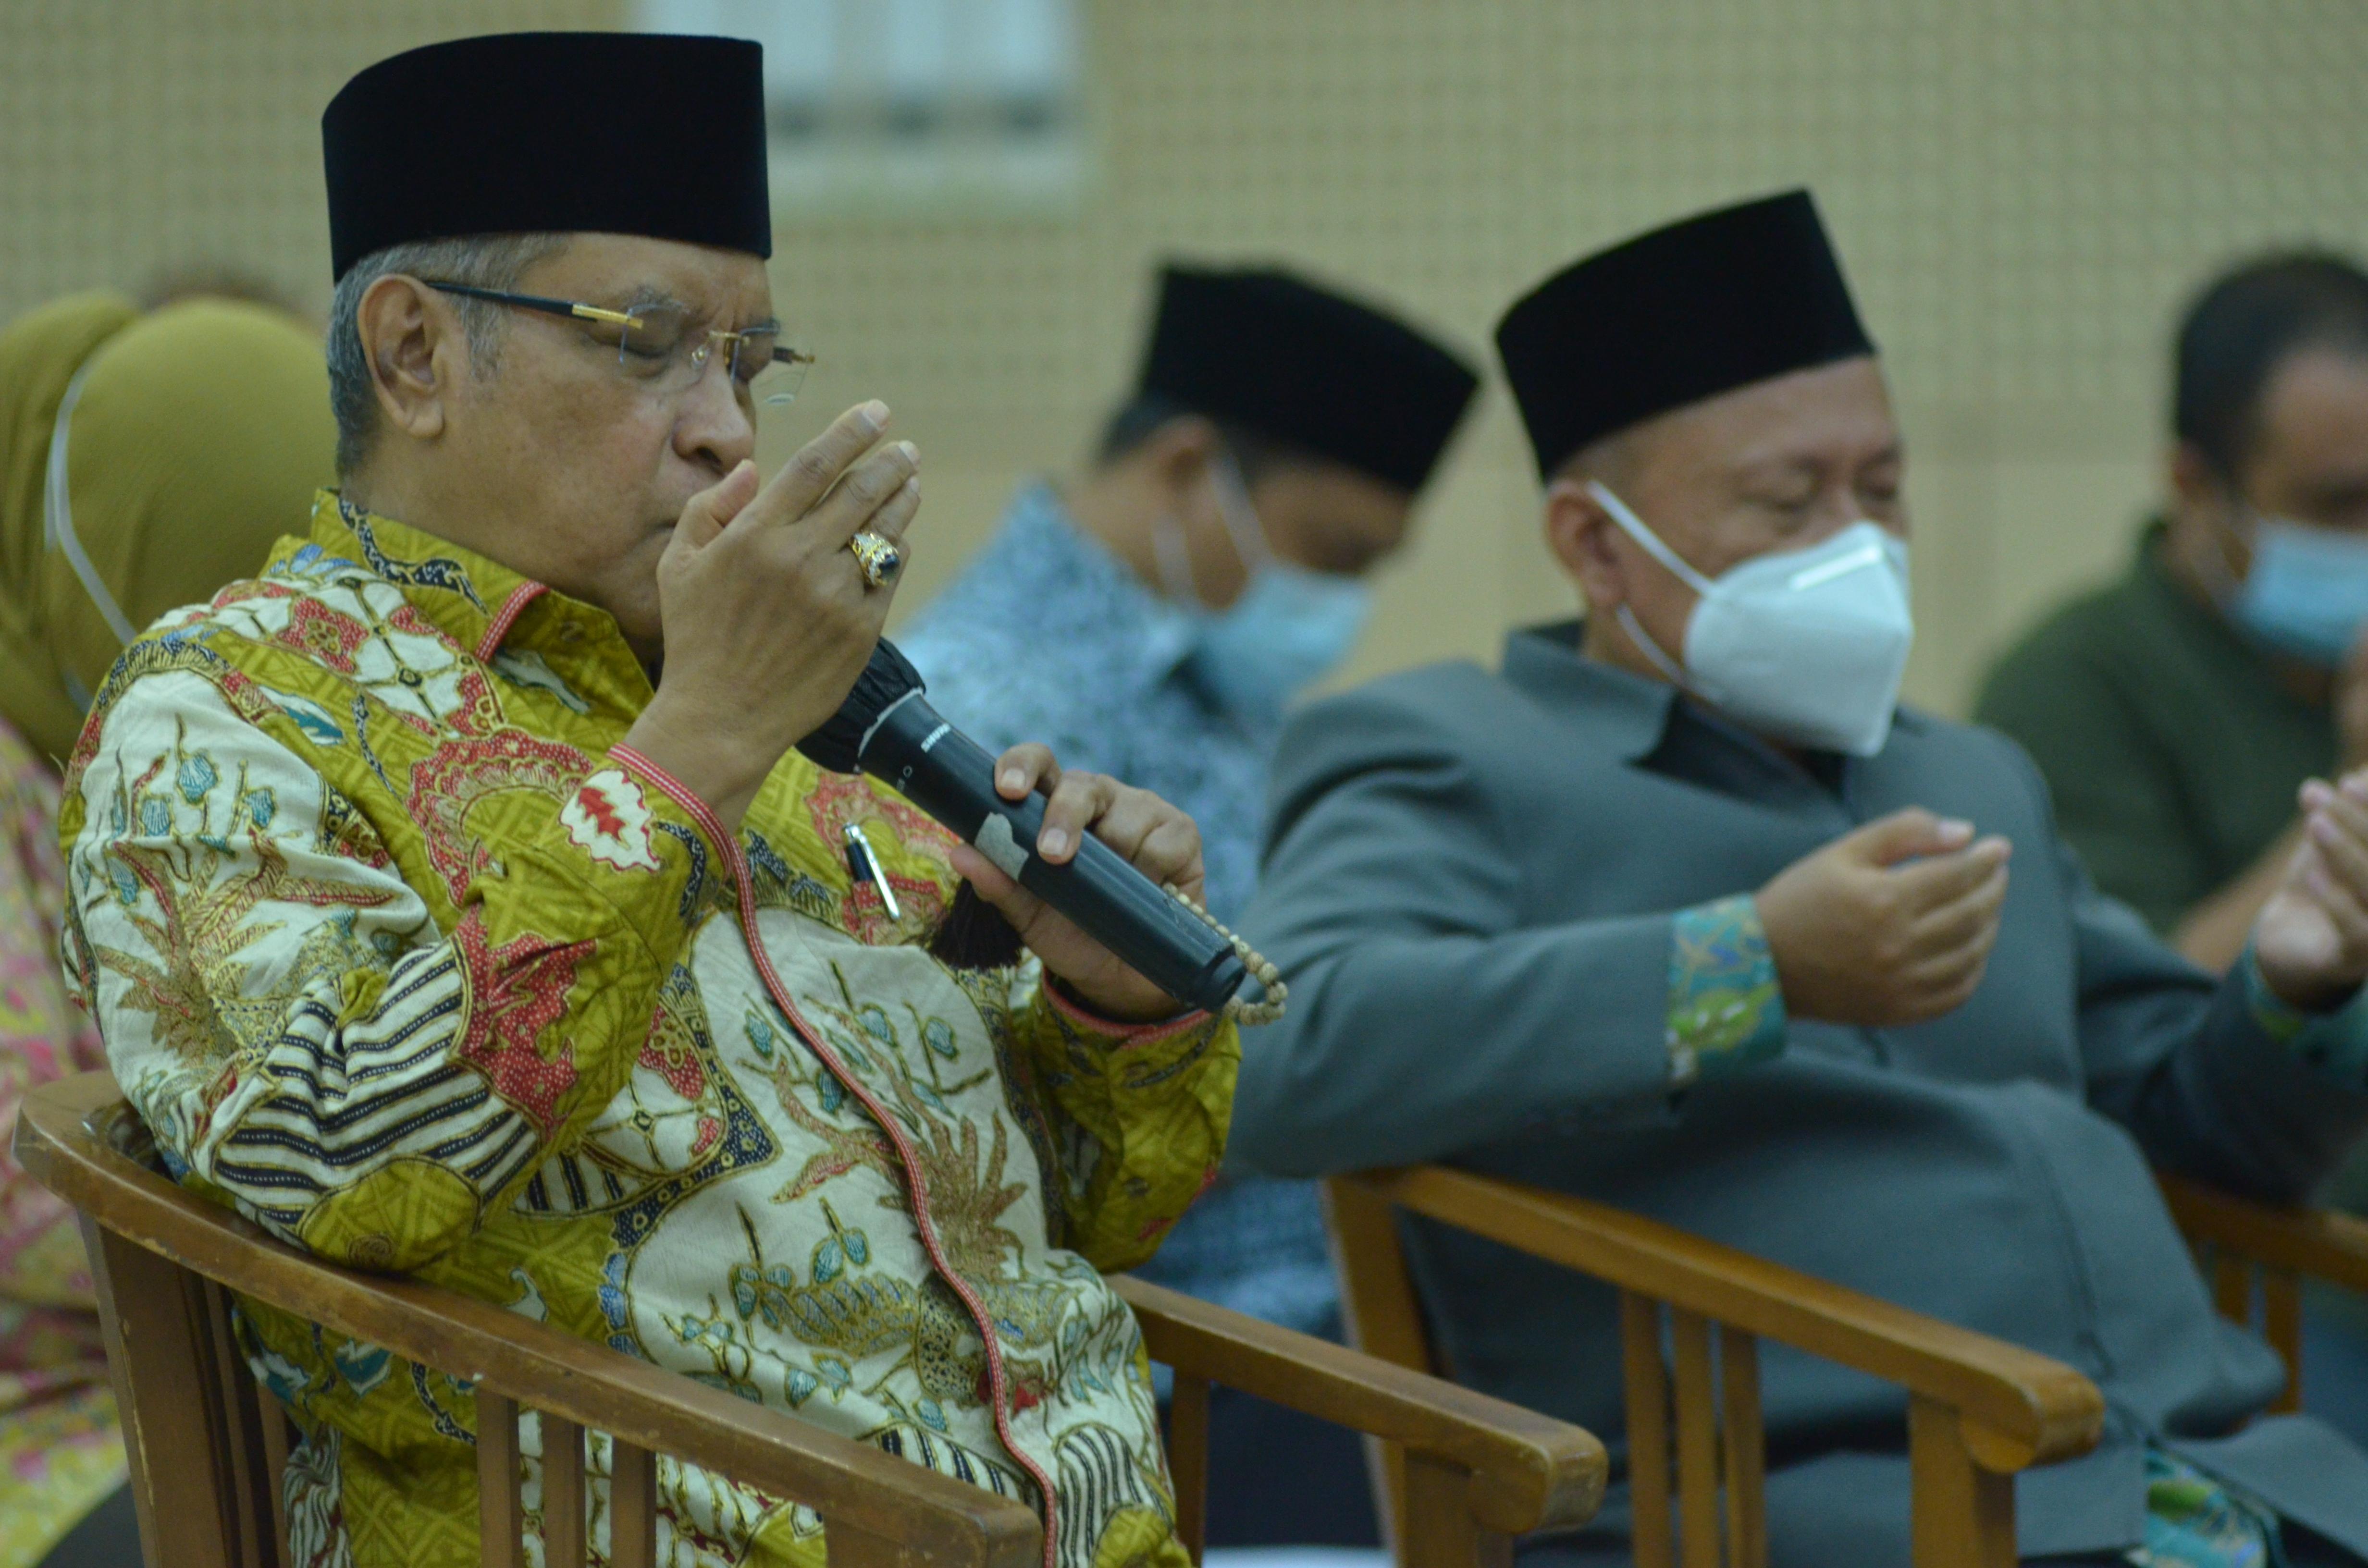 SAID AQIL SIROJ: Wujudkan Umat Muslim Indonesia menjadi Kiblat Dunia